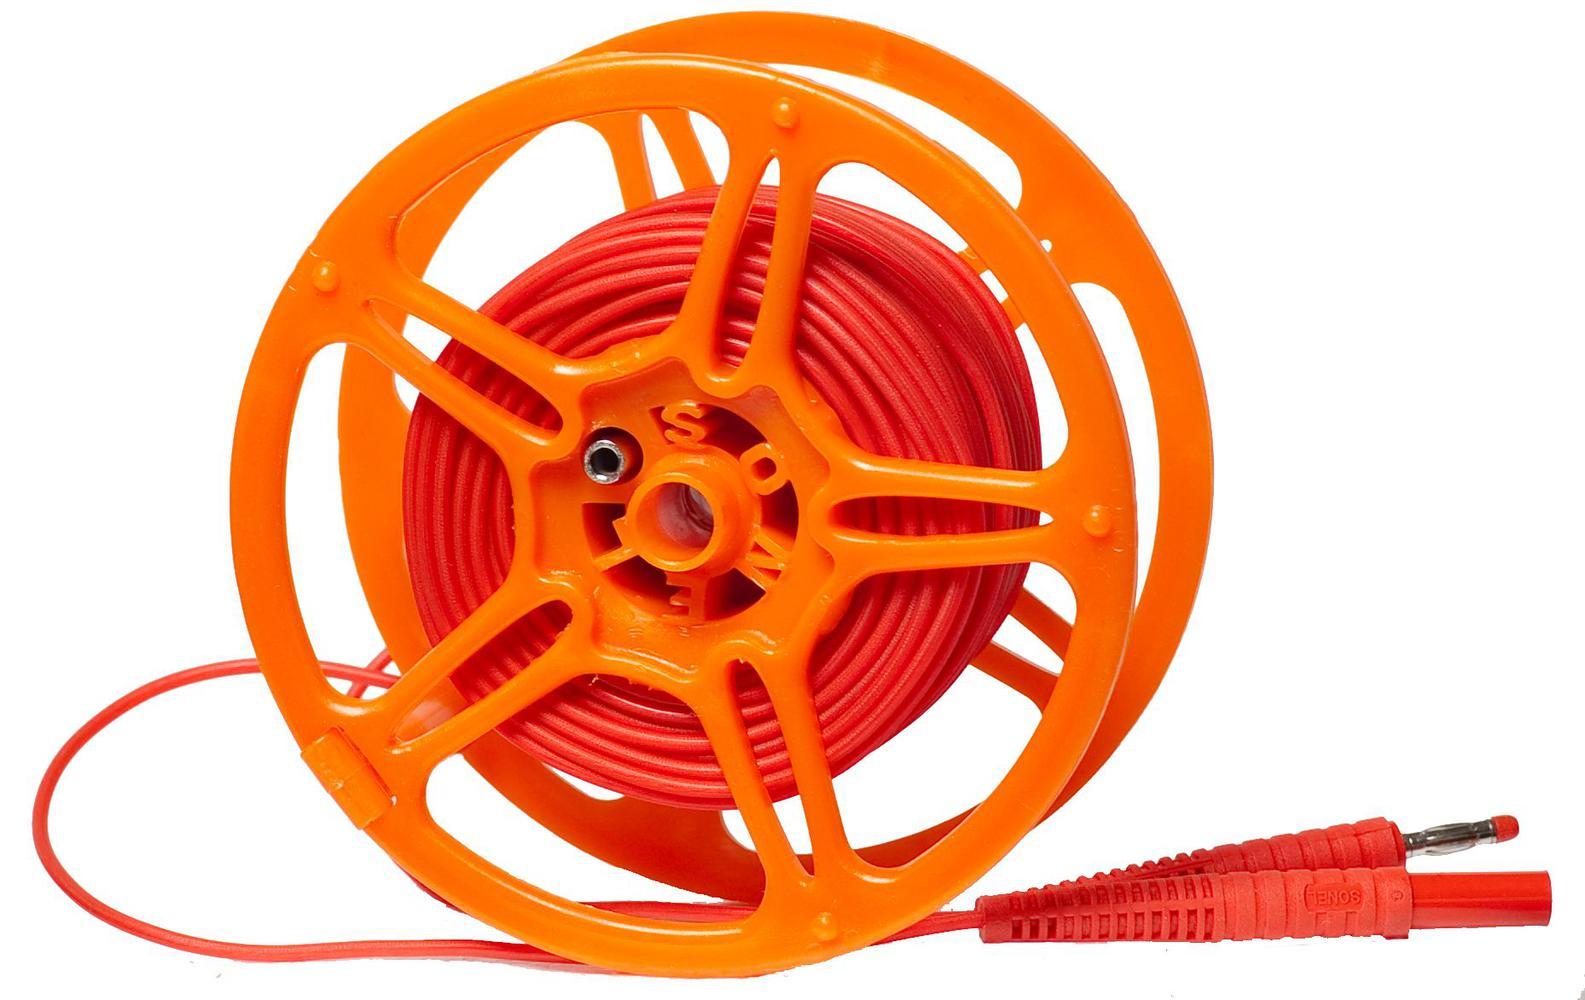 Przewód 20 m czerwony 1 kV na szpuli (wtyki bananowe)